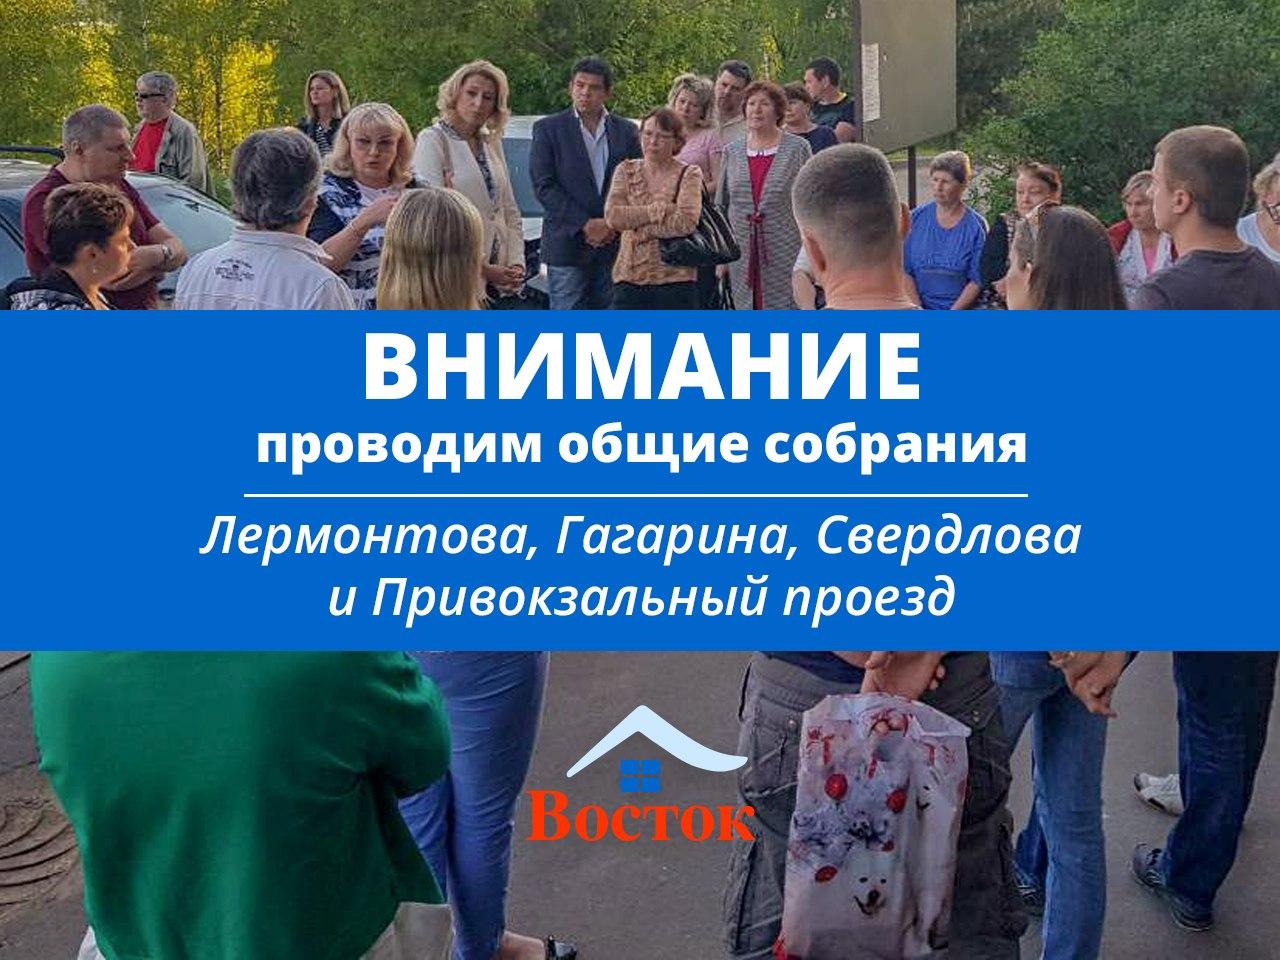 Проводим общие собрания на Лермонтова, Гагарина, Свердлова и Привокзальном проезде